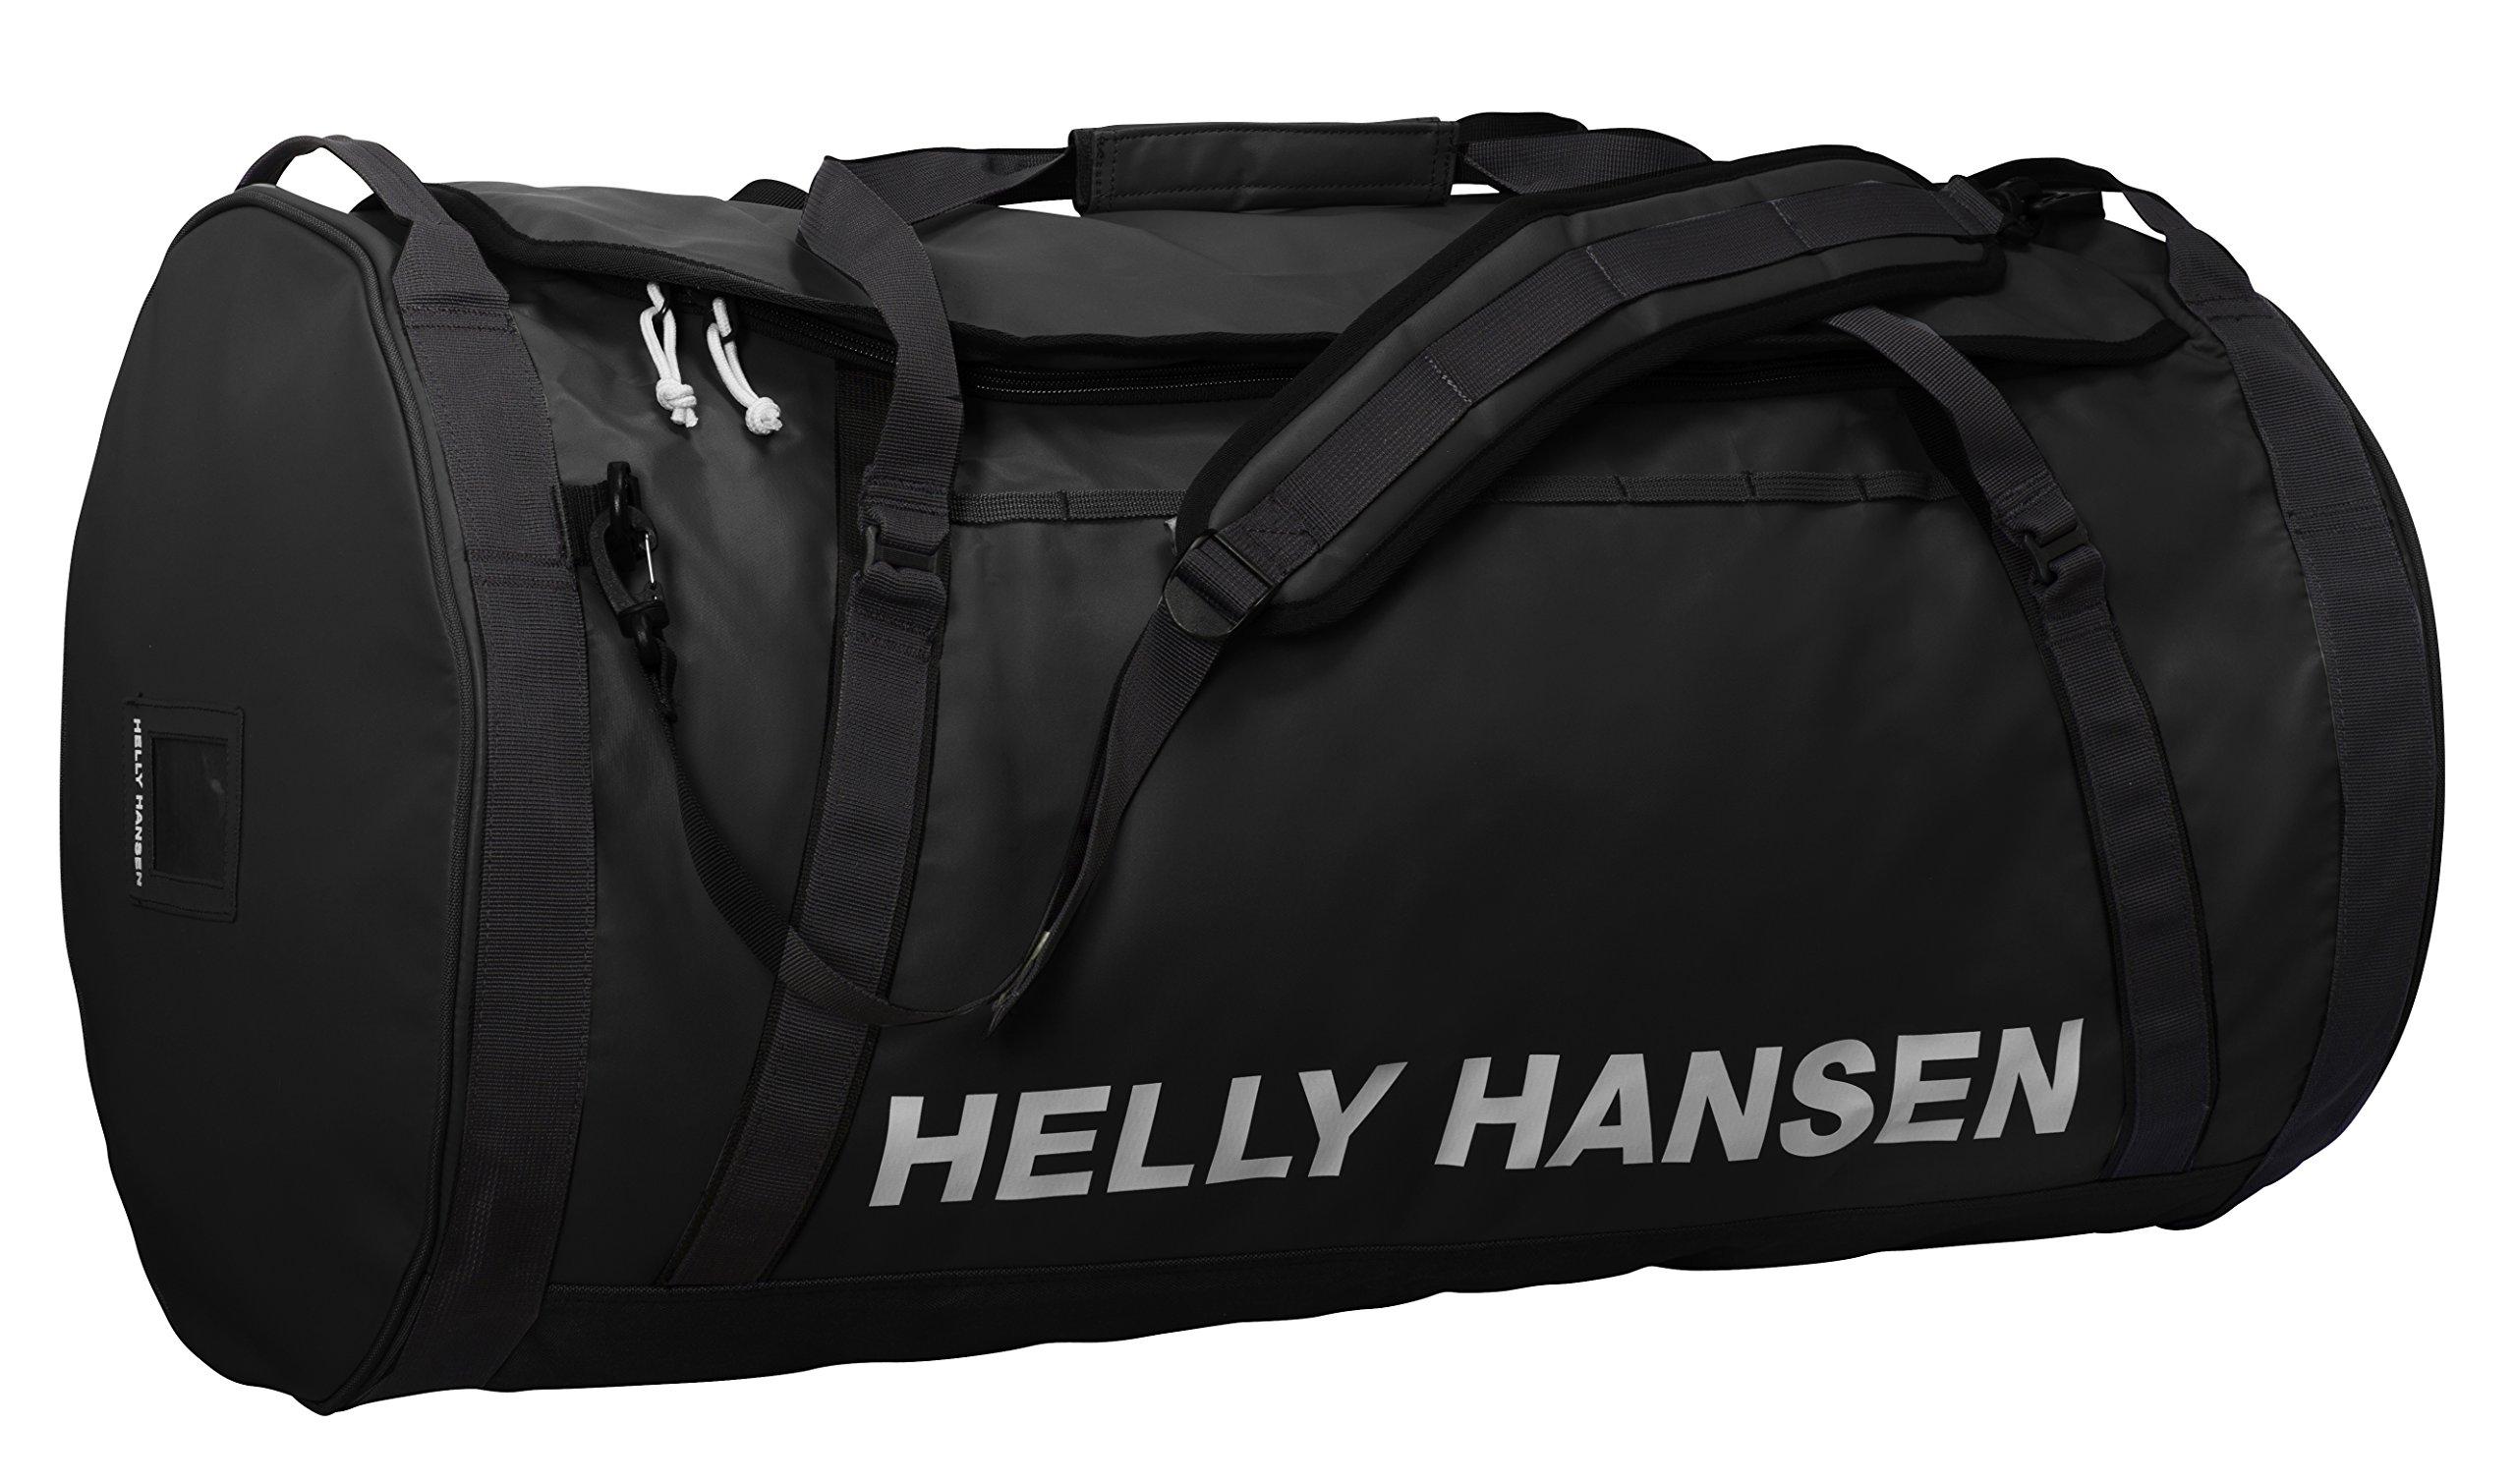 Helly Hansen Duffel Water Resistant Packable Bag 2, 70 Liter, 990 Black